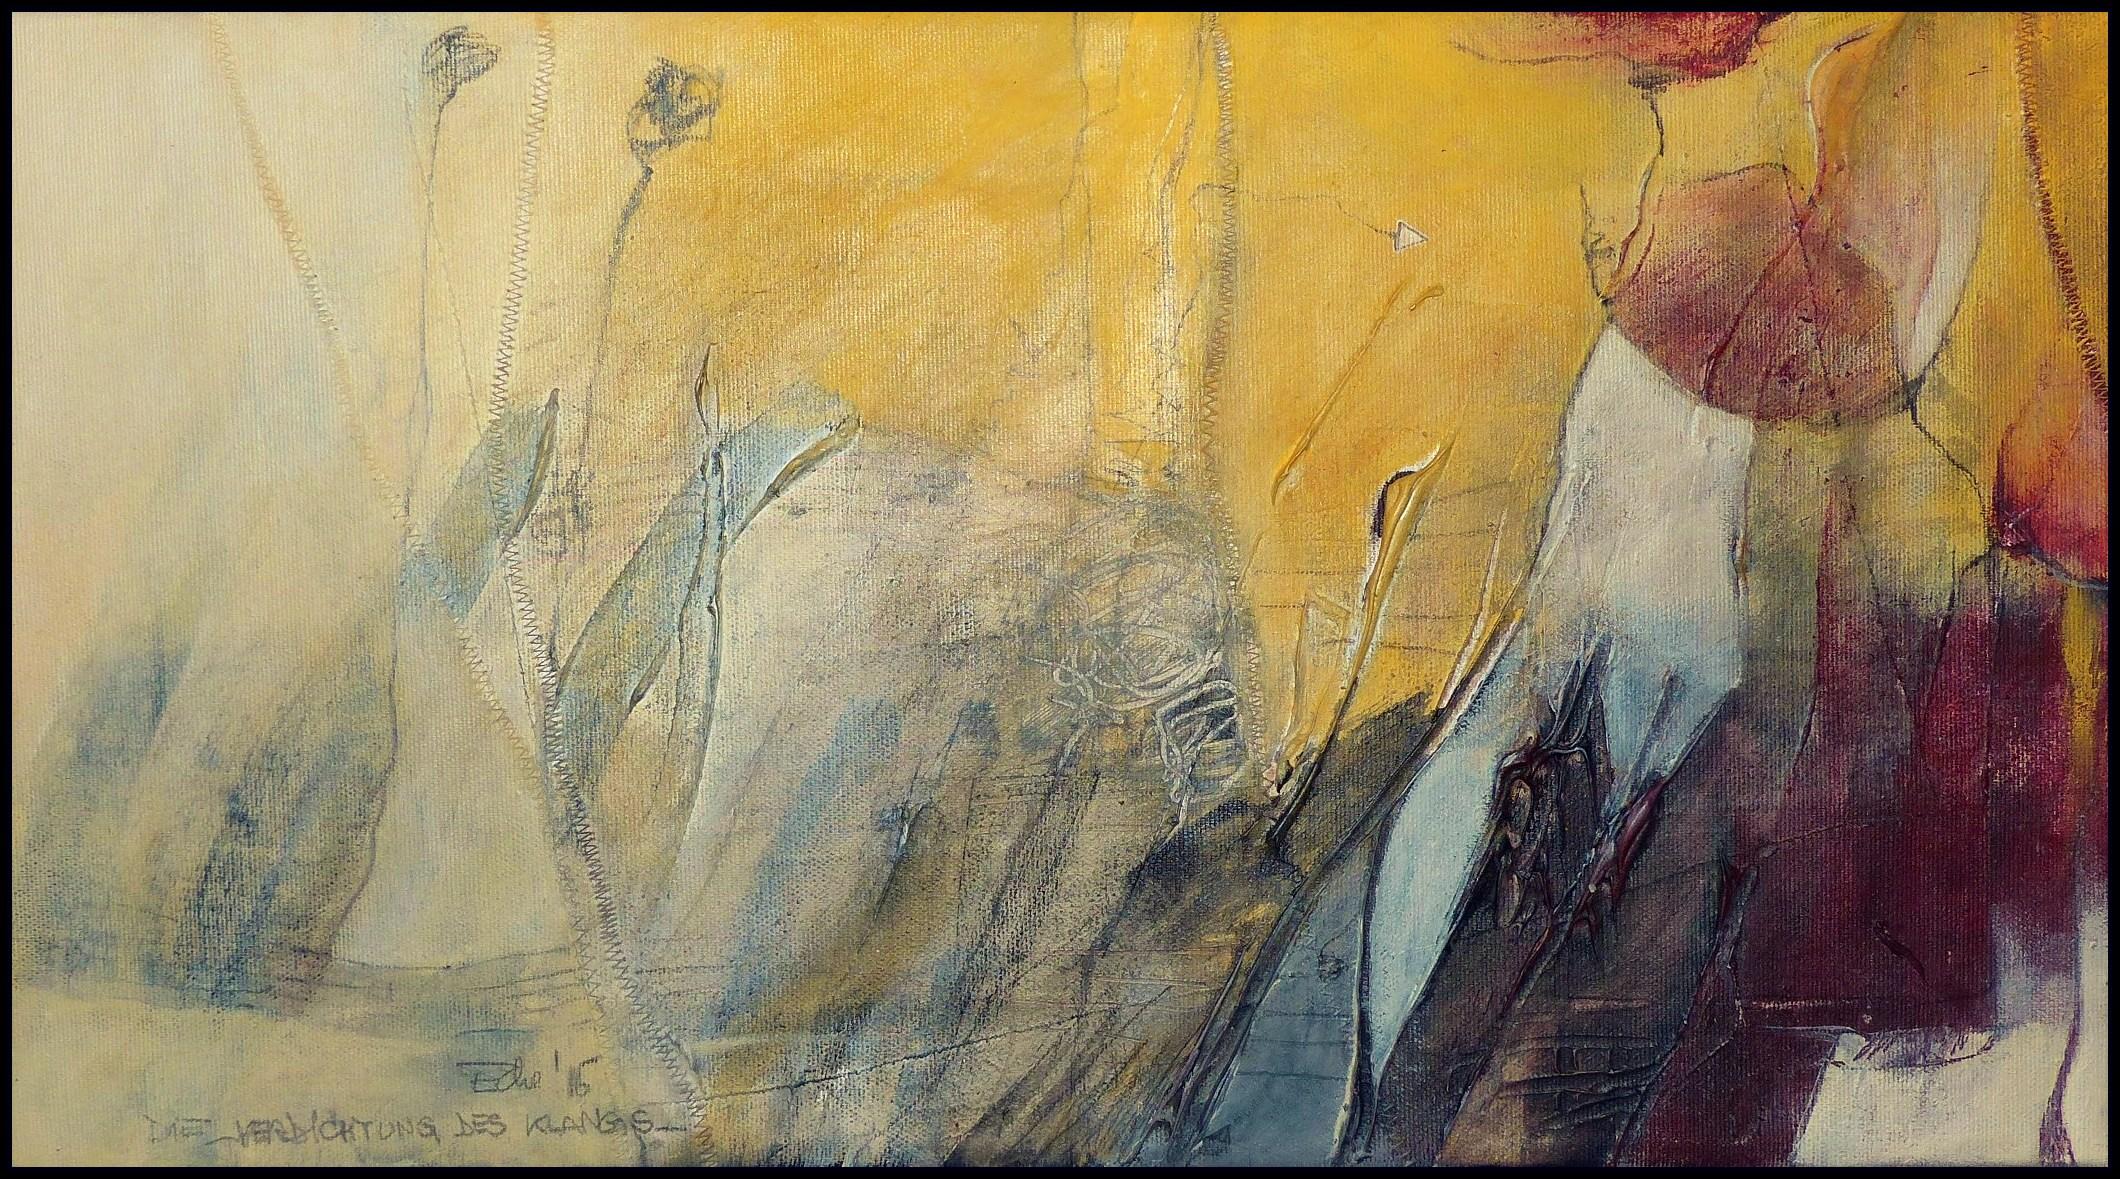 Verdichtung des Klangs / 31 x 56 / Aquarellstift und Acryl auf Leinen / © Eche Wregg